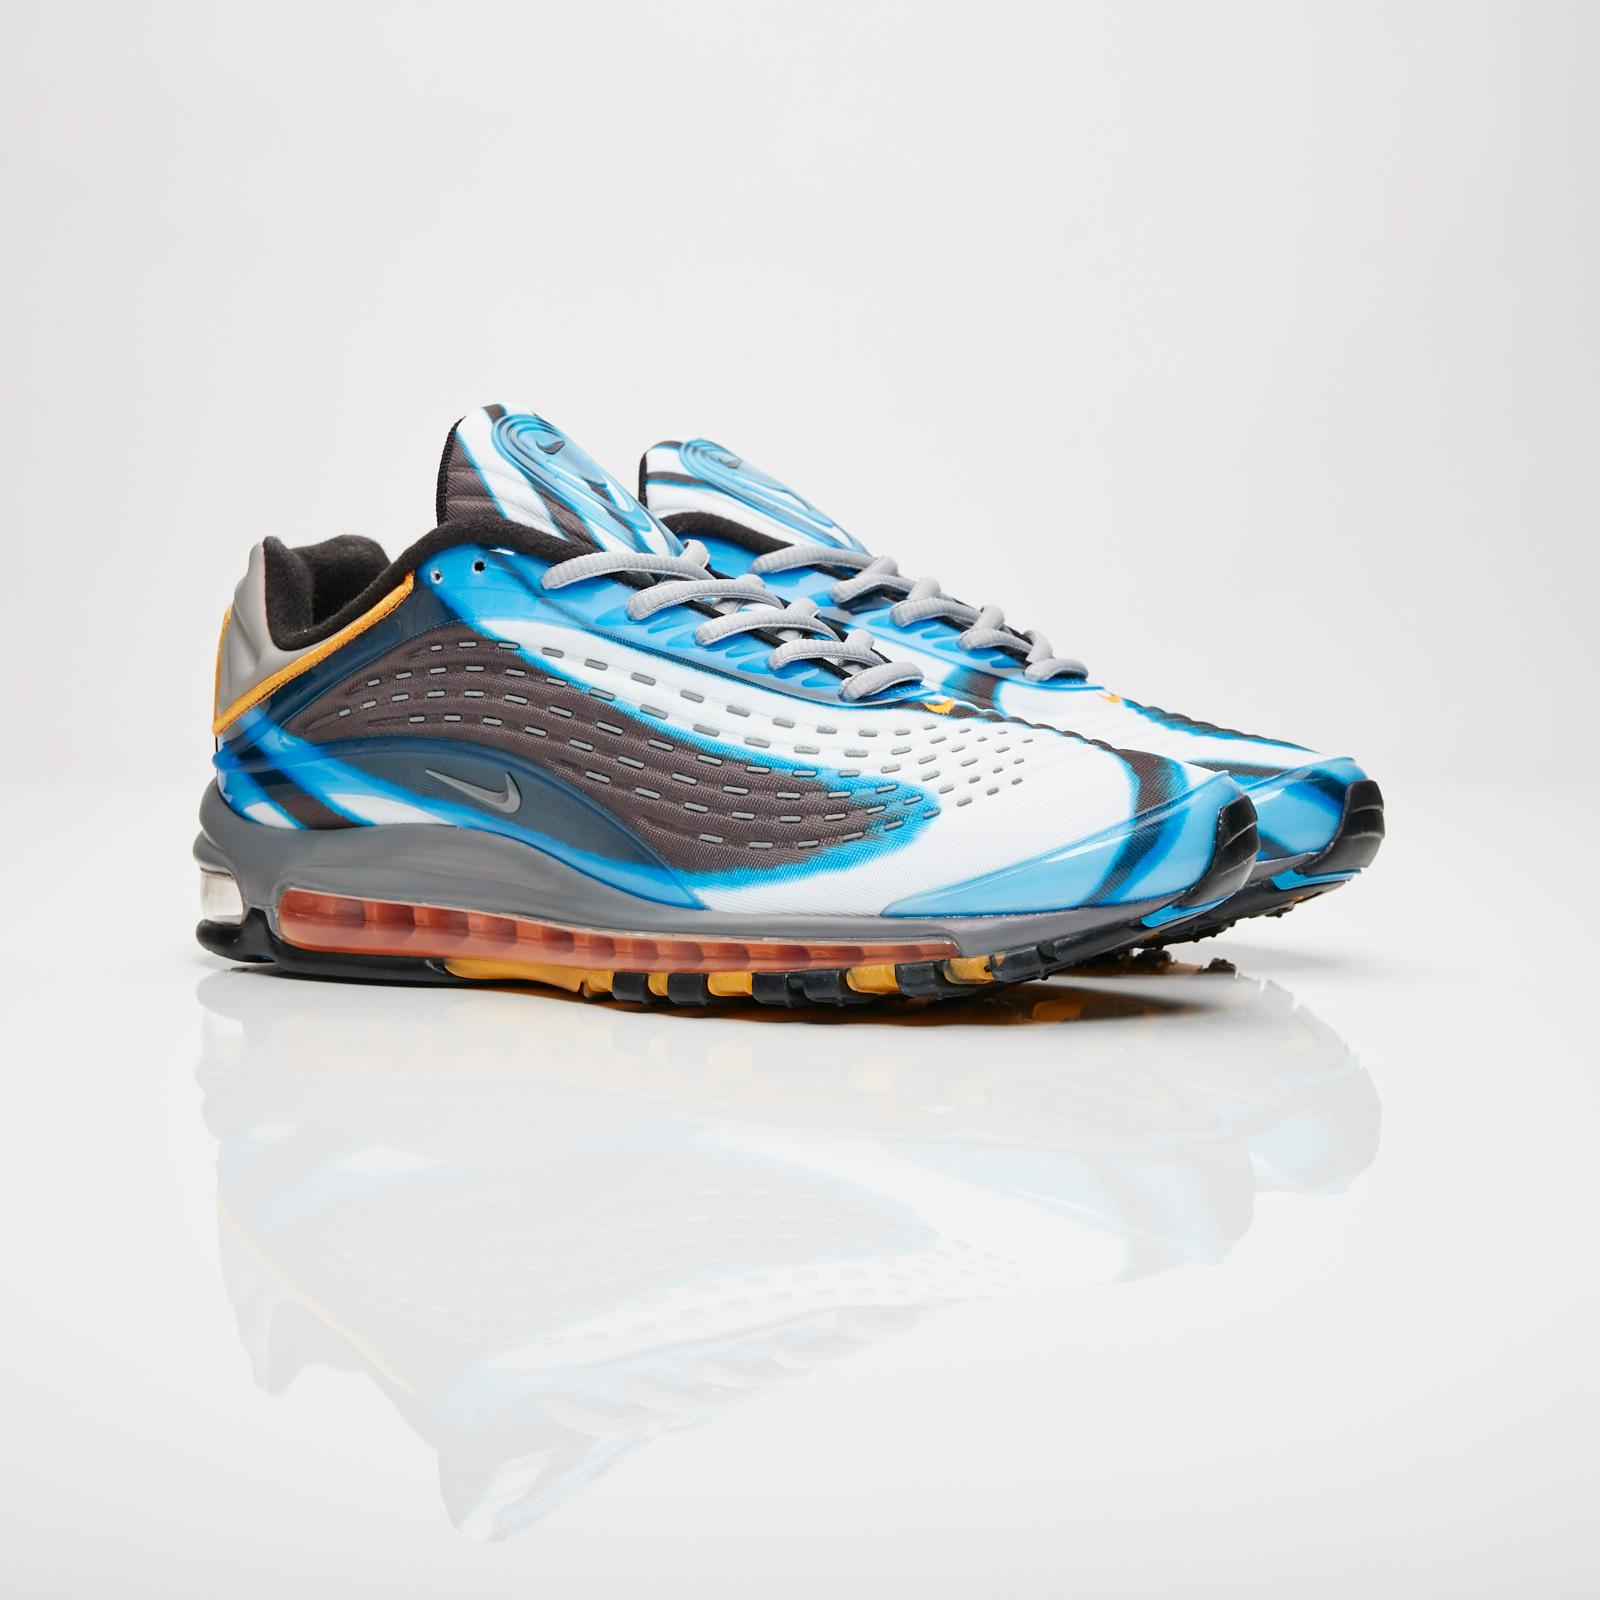 c6020bd5d9b Nike Air Max Deluxe - Aj7831-401 - Sneakersnstuff